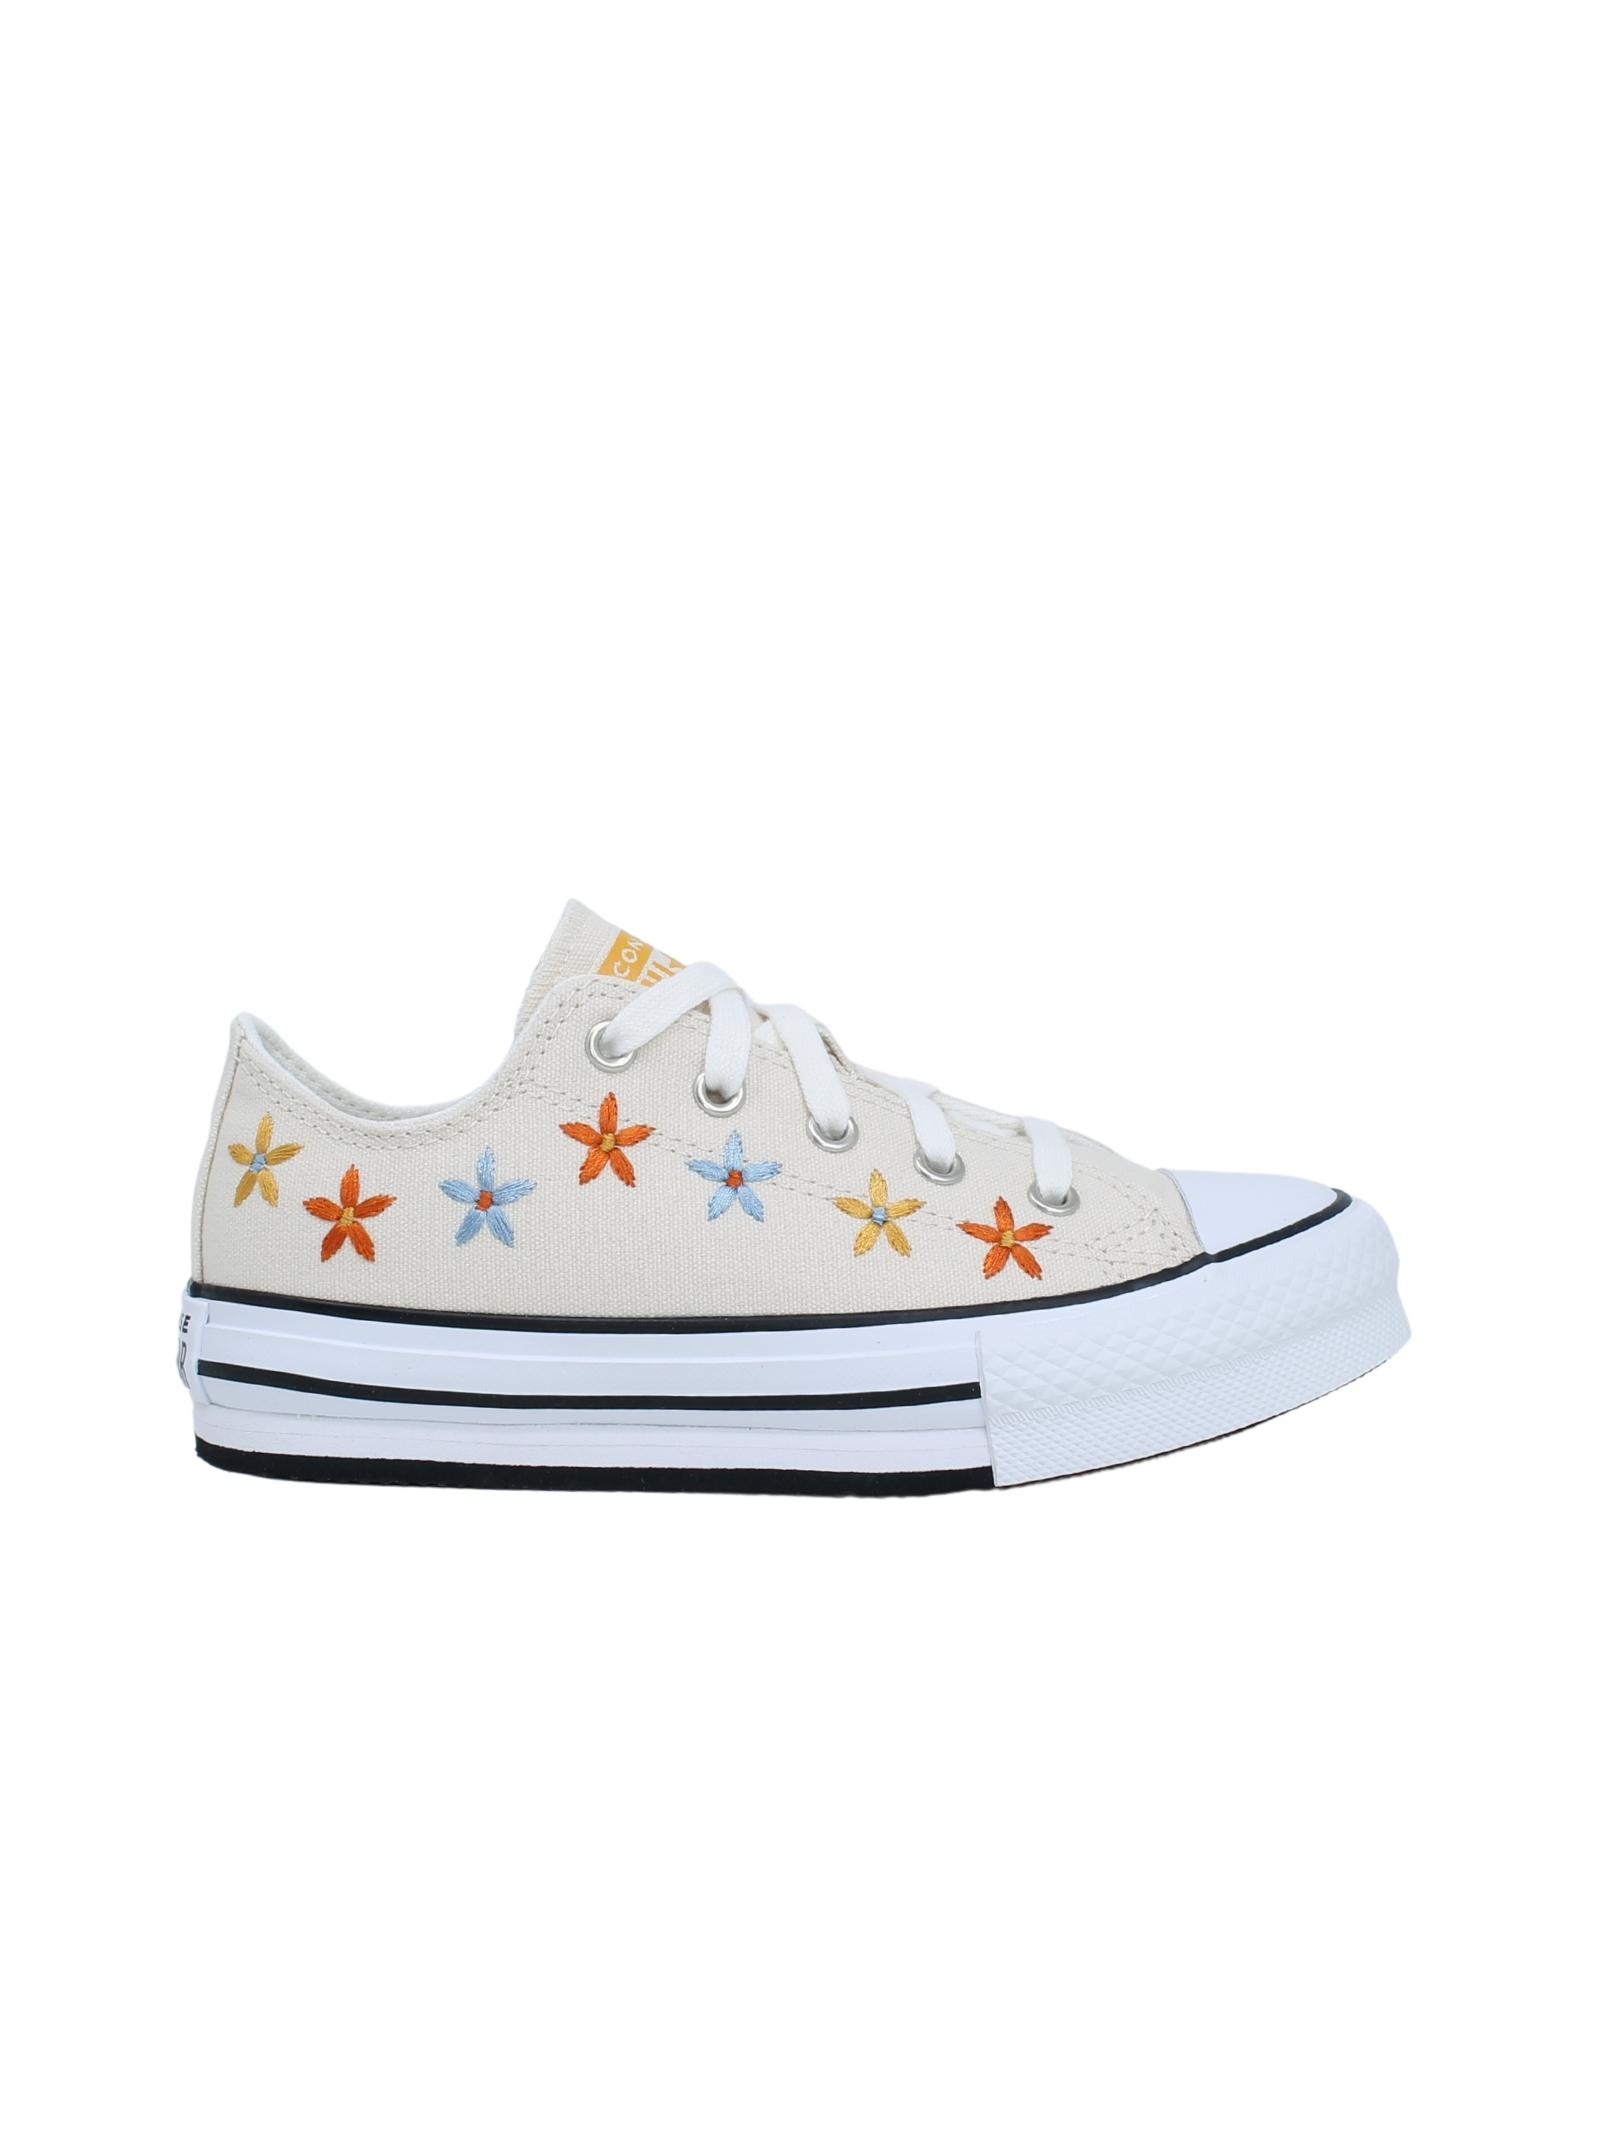 Converse Bambina Fiori CONVERSE KIDS | Sneakers | 671105CBEIGE